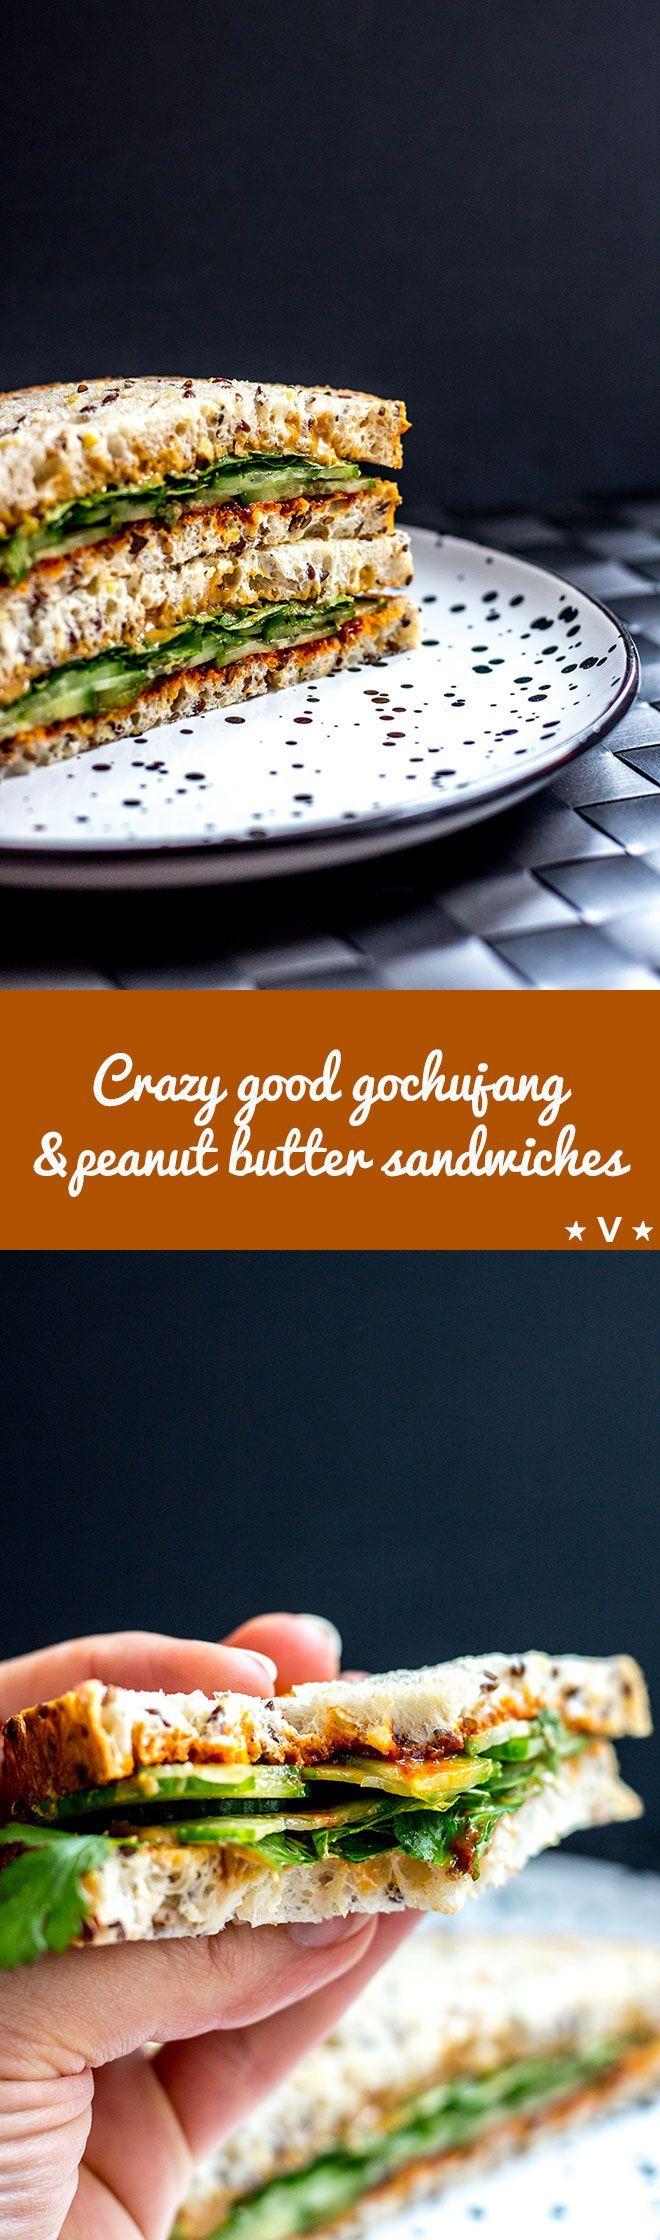 Fiery Korean gochujang and peanut butter sandwiches, an unusual but crazy good combo (vegan). via @quitegoodfood